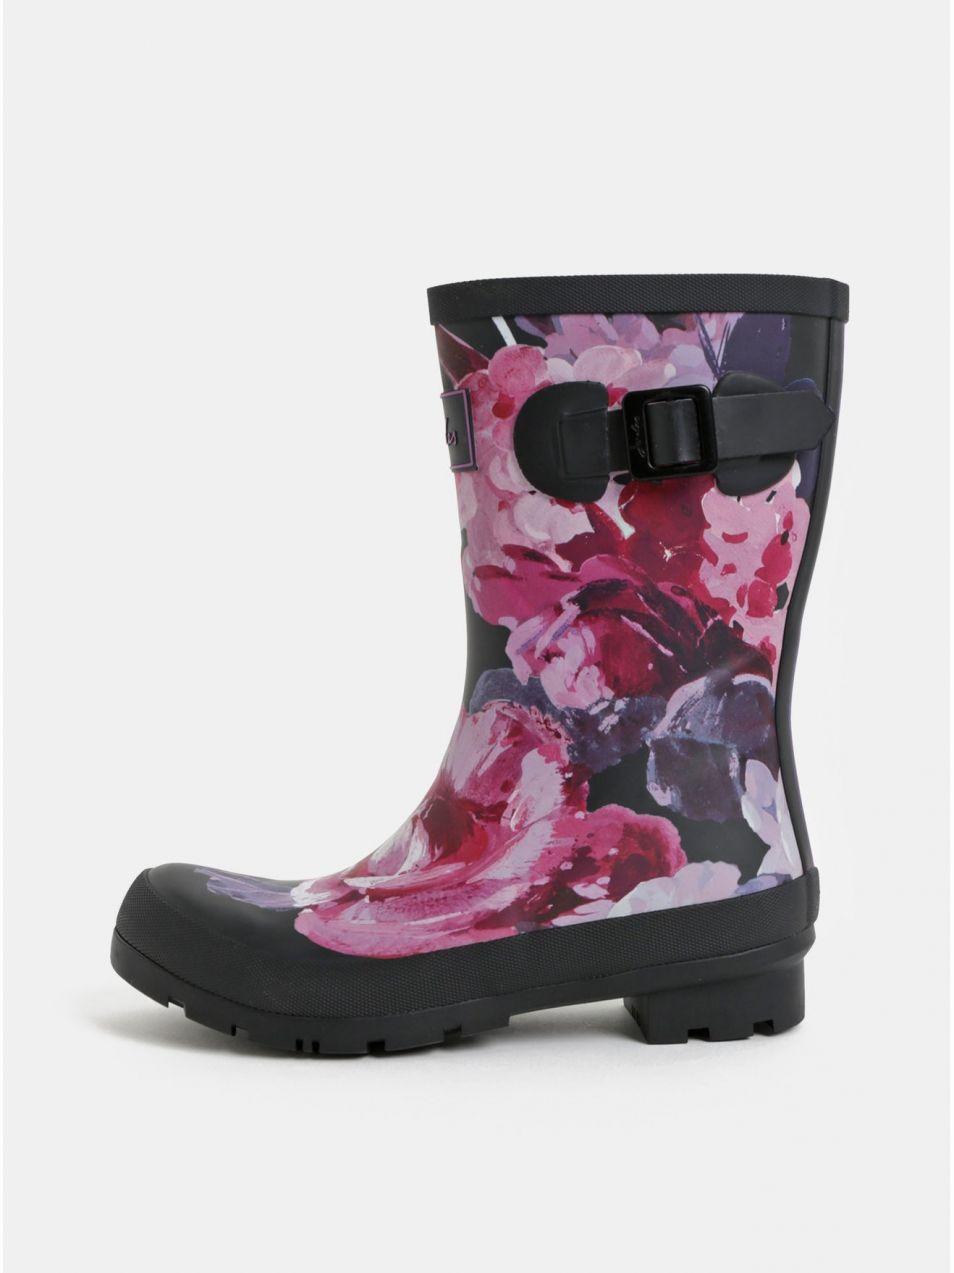 dcb2993fb9db2 Ružovo–čierne dámske kvetované gumáky s ozdobnou prackou Tom Joule Molly  značky Tom Joule - Lovely.sk